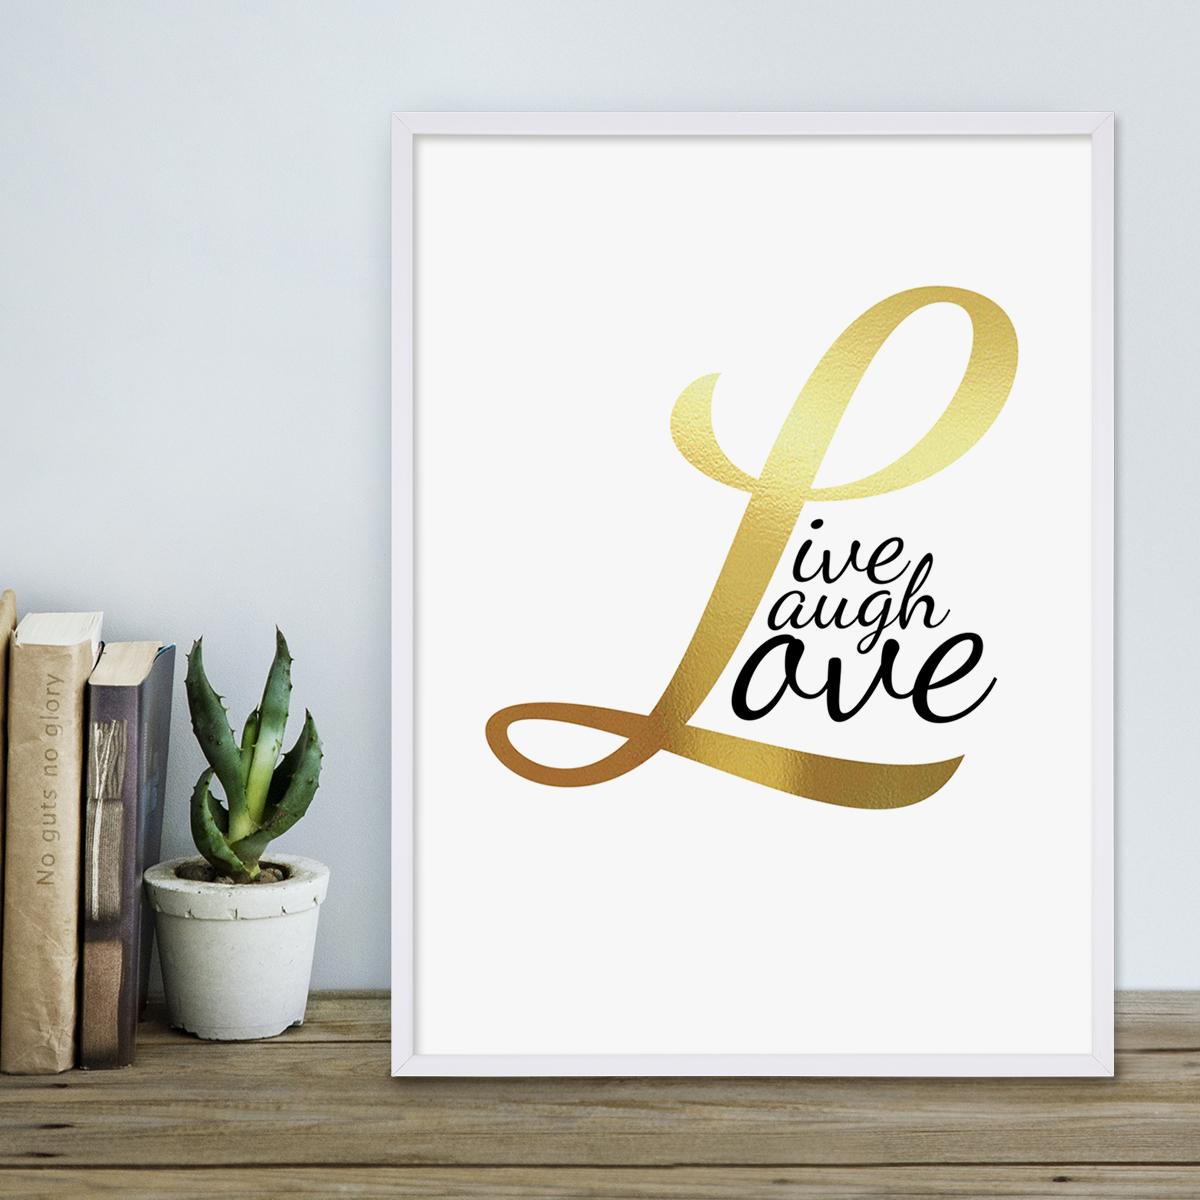 design poster mit bilderrahmen weiss 39 love gold 39 30x40 cm typographie goldaufdruck spruch liebe. Black Bedroom Furniture Sets. Home Design Ideas